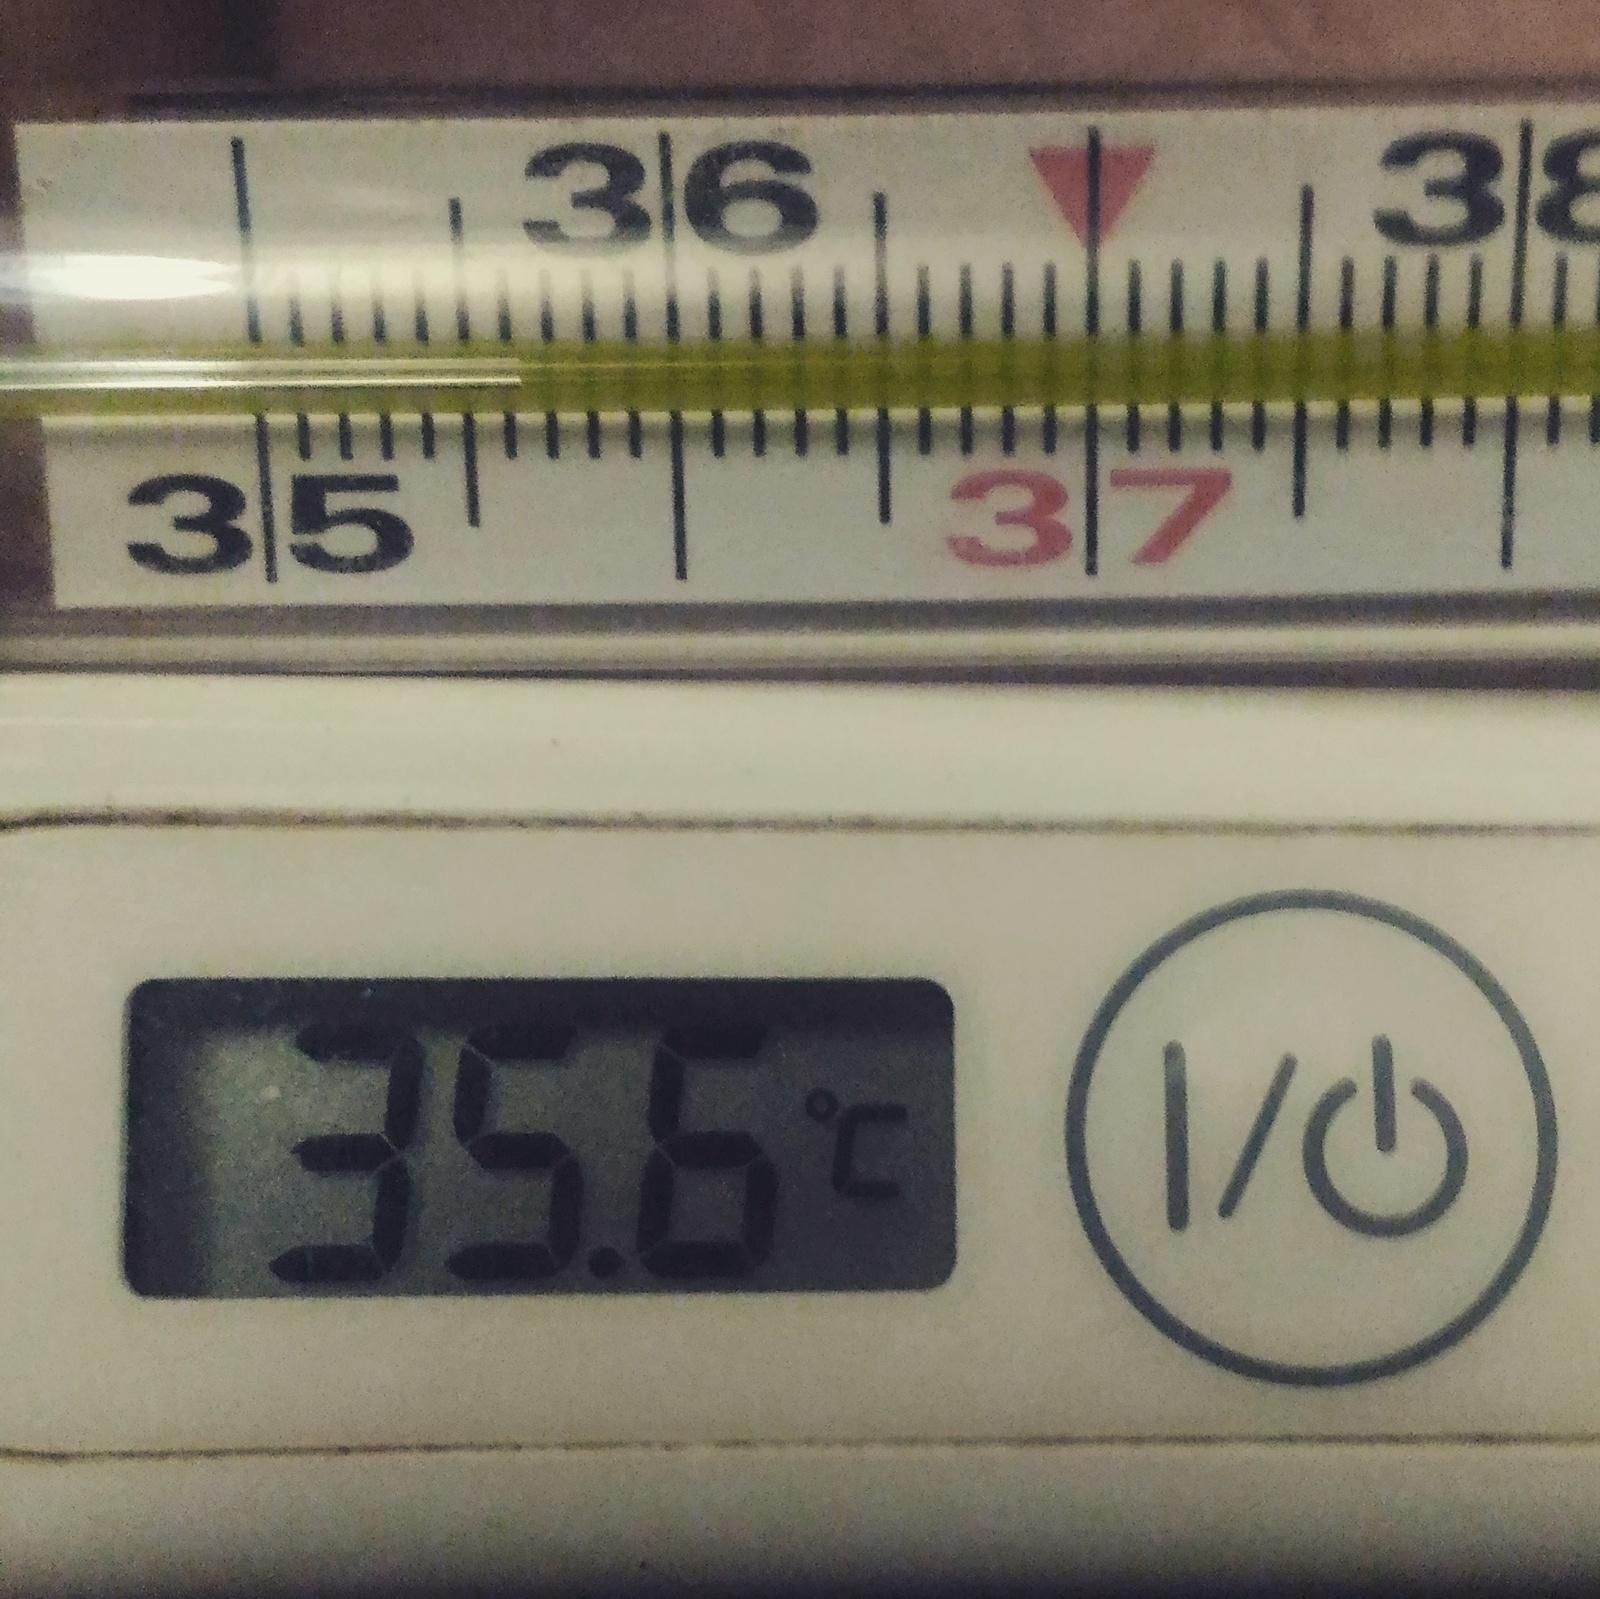 Термометры показывают 35 градусов